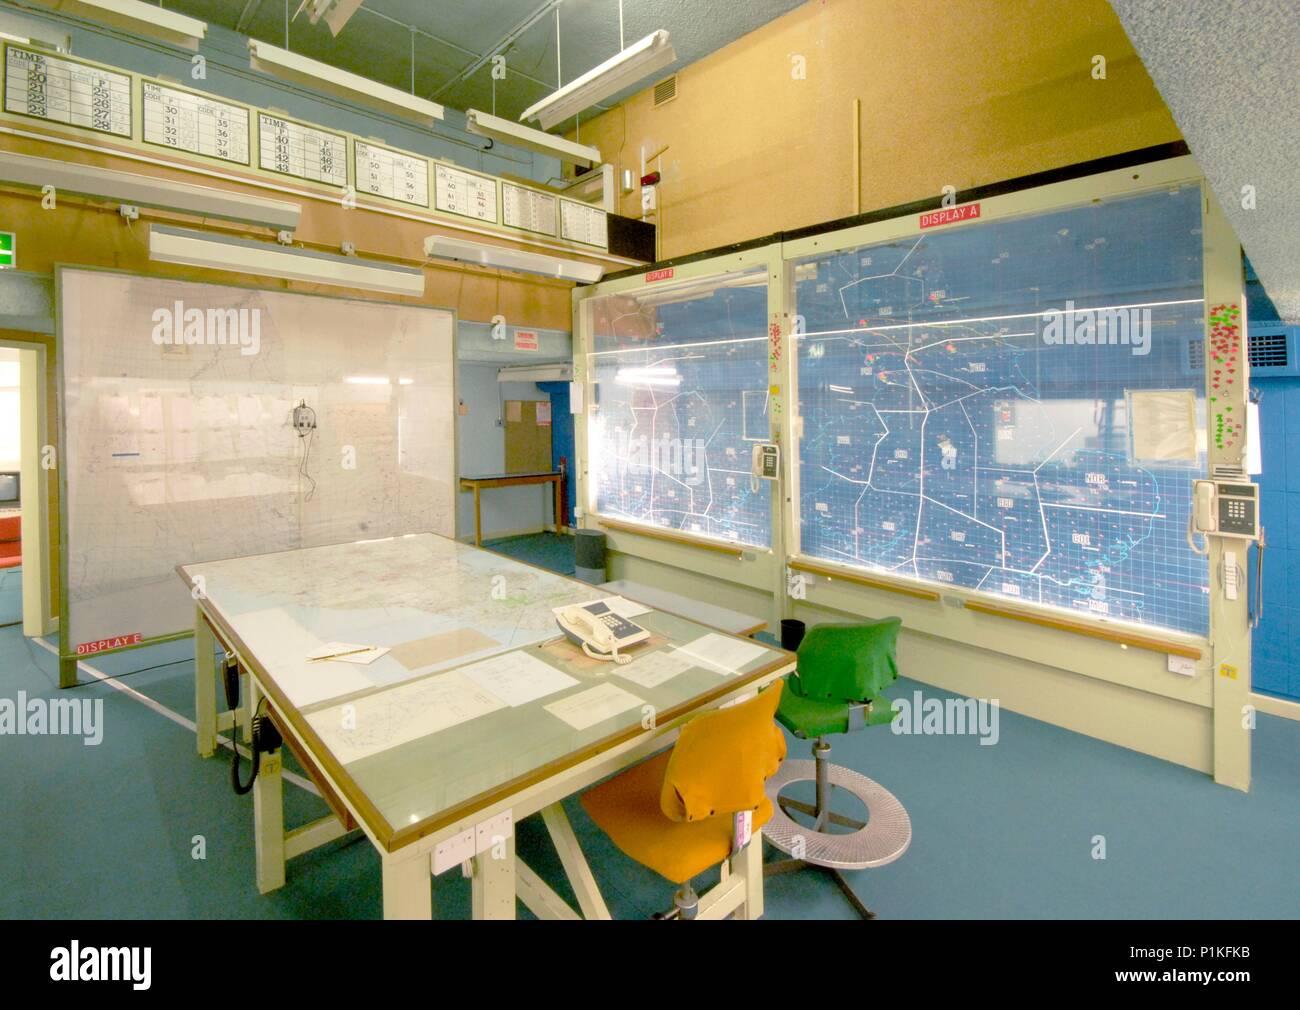 Sala de operaciones, York Búnker de la guerra fría, North Yorkshire, c2006-c2017. Vista interior de la sala de operaciones que muestra mapas y gráficos listos para usar. El b Imagen De Stock